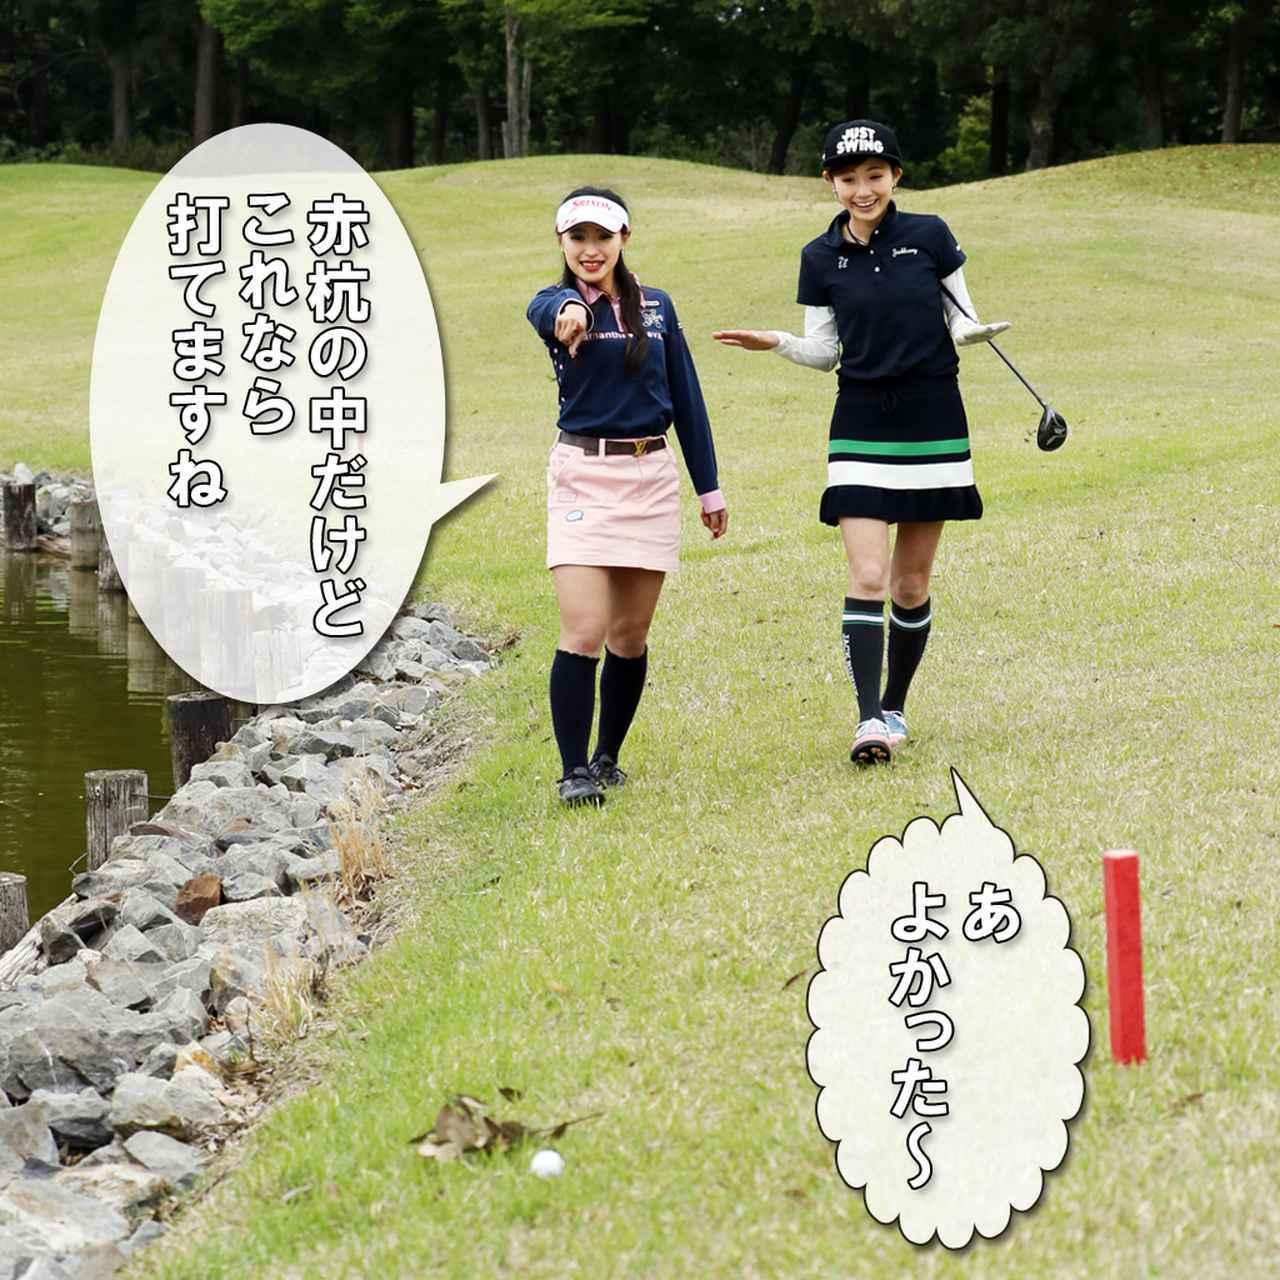 画像: ゴルル会員番号50 臼井麗香(写真左)、ゴルル会員番号21 中里さや香(写真右)